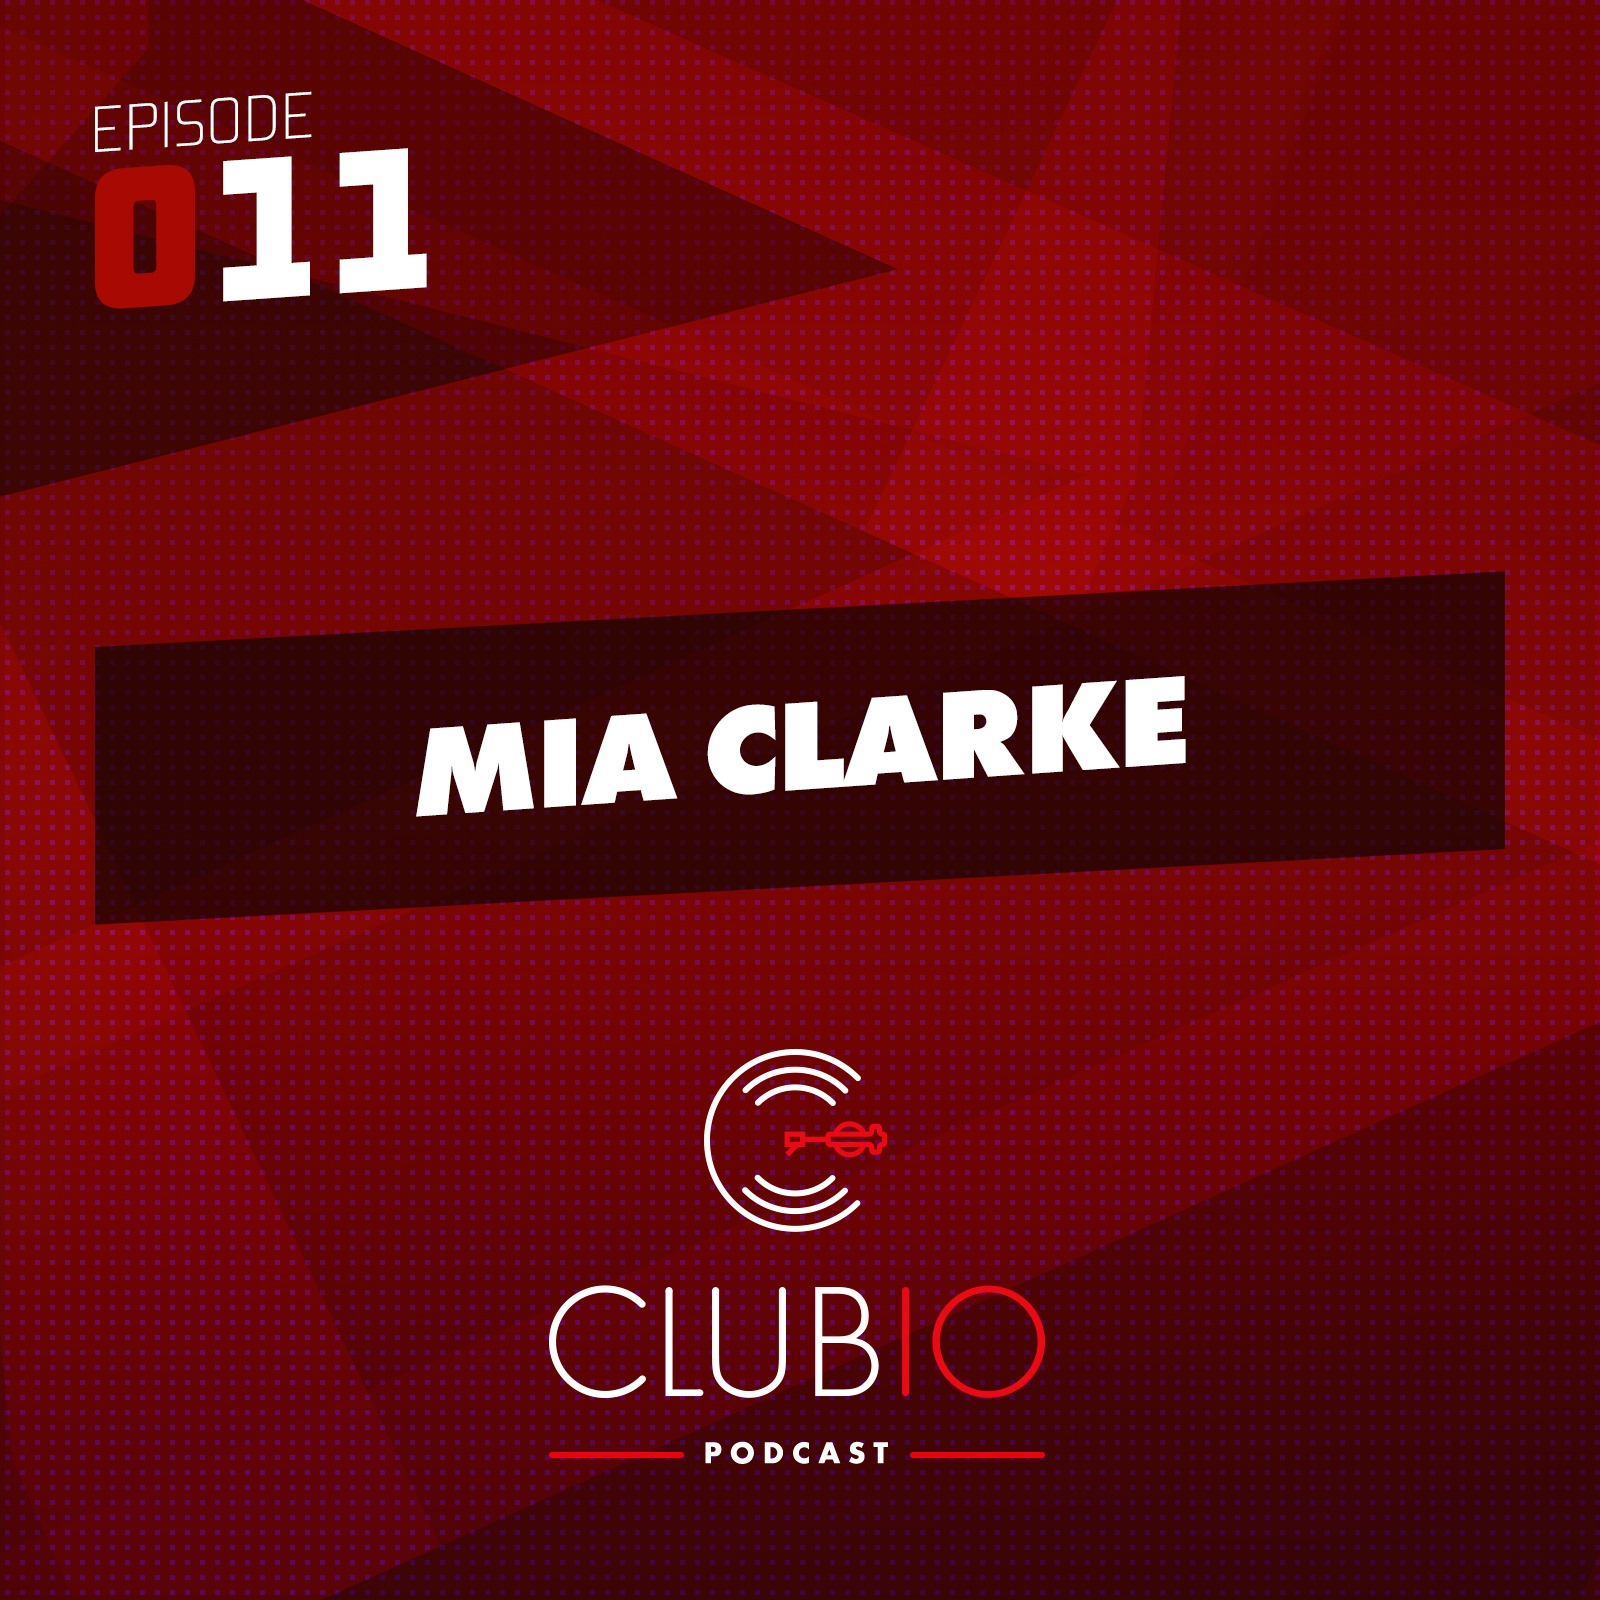 Clubio Podcast 011 - Mia Clarke